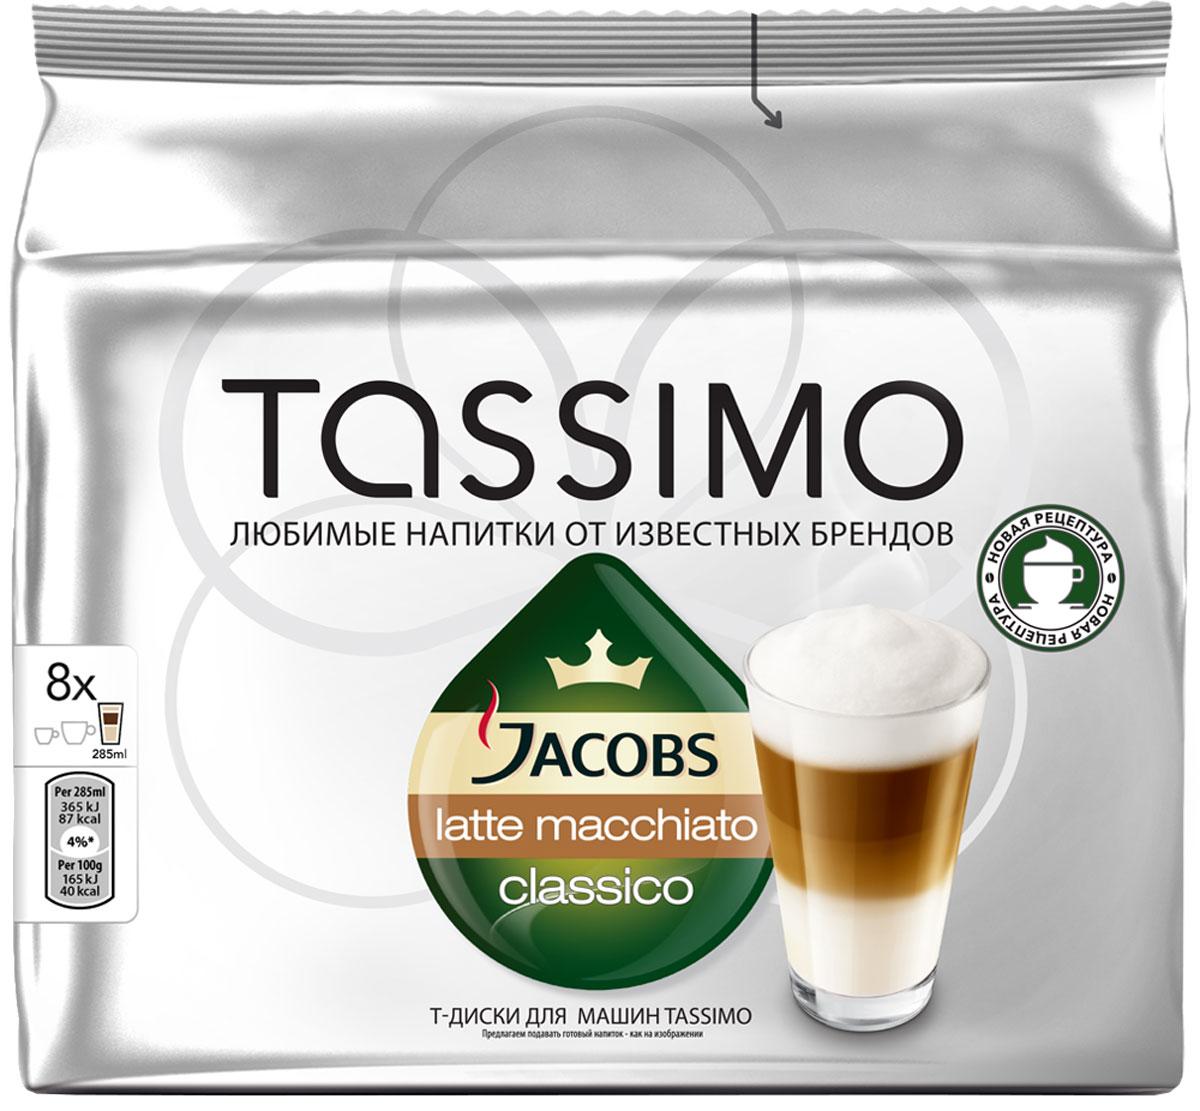 Tassimo Jacobs Latte Macchiato Classico кофе капсульный, 8 шт4001587Вкуснейший Латте Макиато от Jacobs. Красивый многослойный молочный напиток с мягким вкусом и нежными нотками кофе.Готовится легко с помощью двух Т-Дисков: 1) Большой Т-Диск c сухим молоком. 2) Т-Диск эспрессо. Каждая упаковка содержит 8 Т-дисков Jacobs эспрессо и 8 молочных T-Дисков.Состав: кофе натуральный жареный молотый.Молочный продукт сухой с сахаром для приготовления кофейного напитка Латте Макиато: продукт сухой с сахаром (молоко, сахар), соль поваренная пищевая, агент антислеживающий (Е 551).Уважаемые клиенты! Обращаем ваше внимание на то, что упаковка может иметь несколько видов дизайна. Поставка осуществляется в зависимости от наличия на складе.